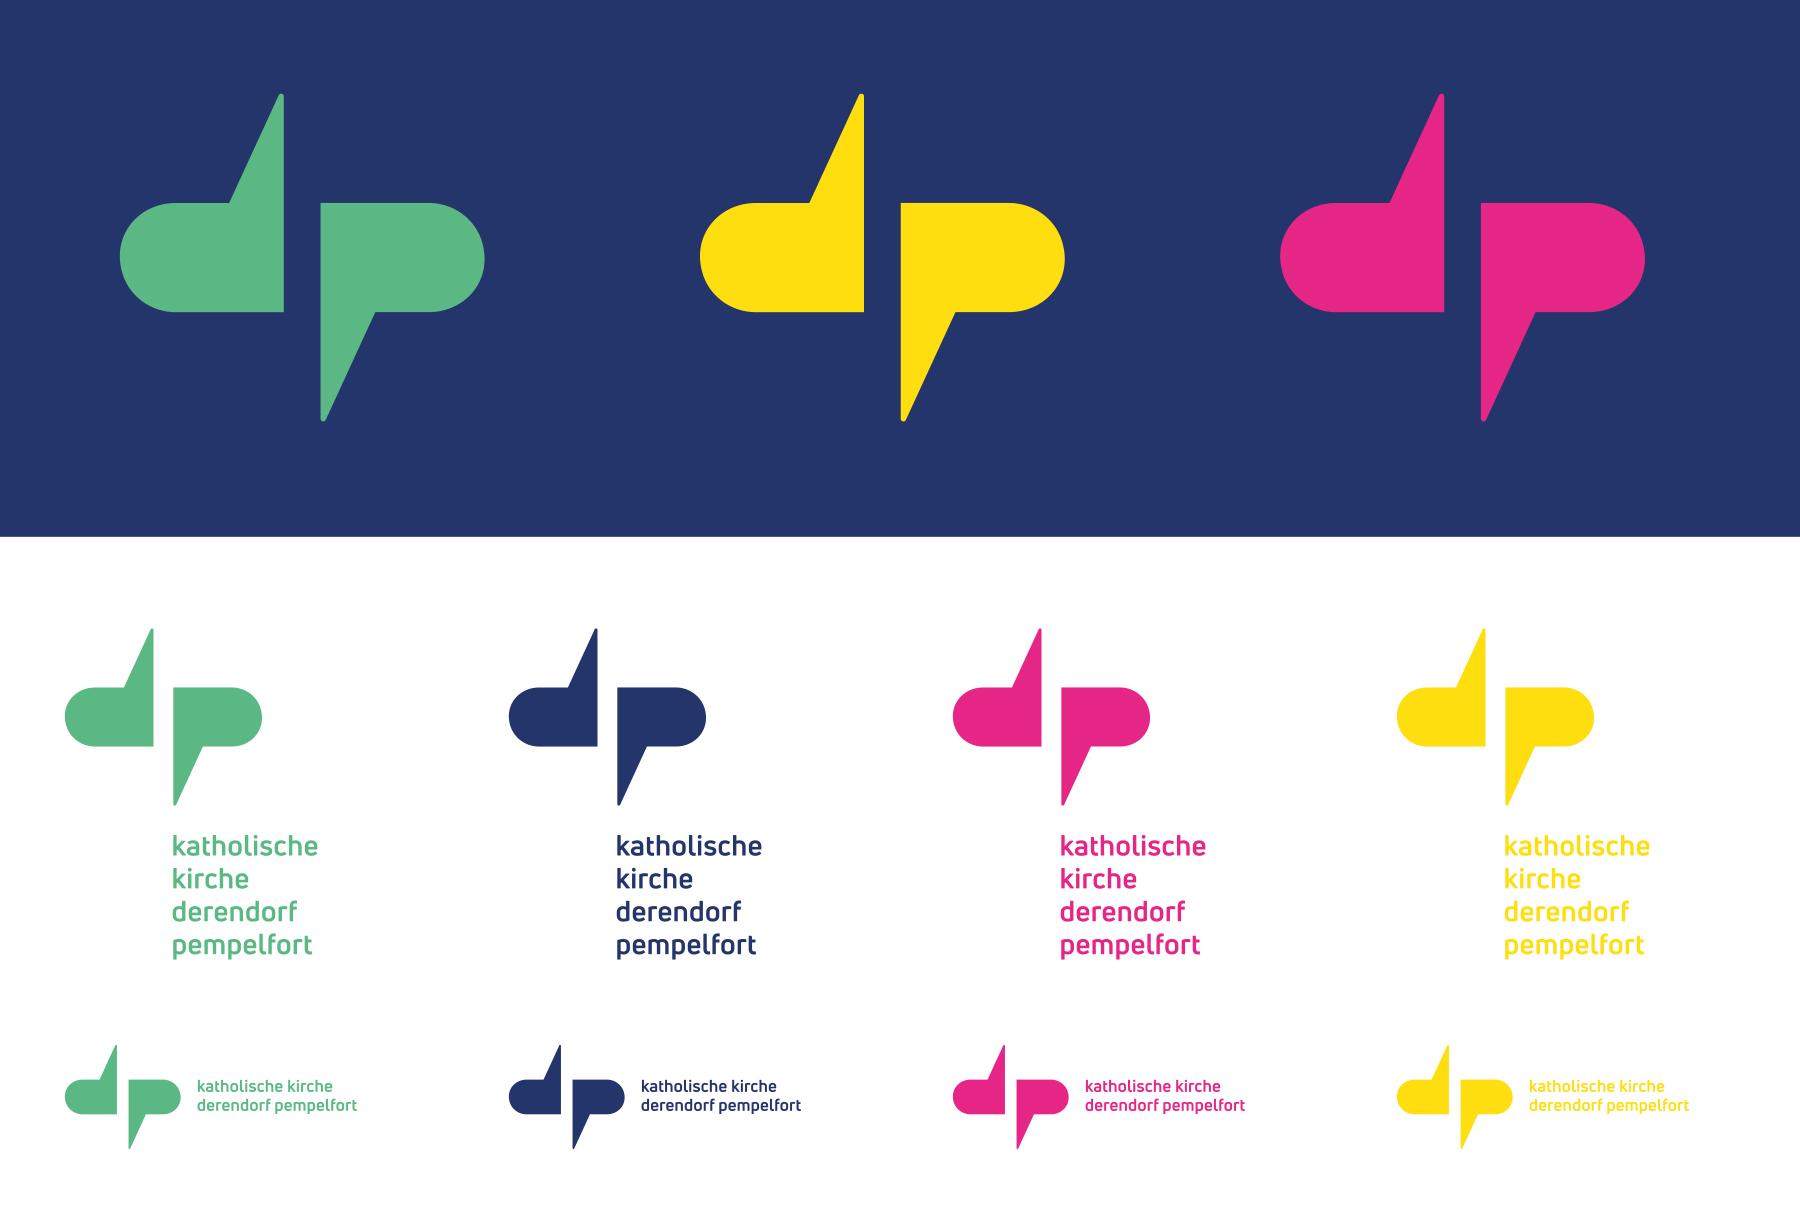 Katholische Kirchengemeinde Derendorf Pempelfort Düsseldorf Logo Corporate Design Farbdarstellungen